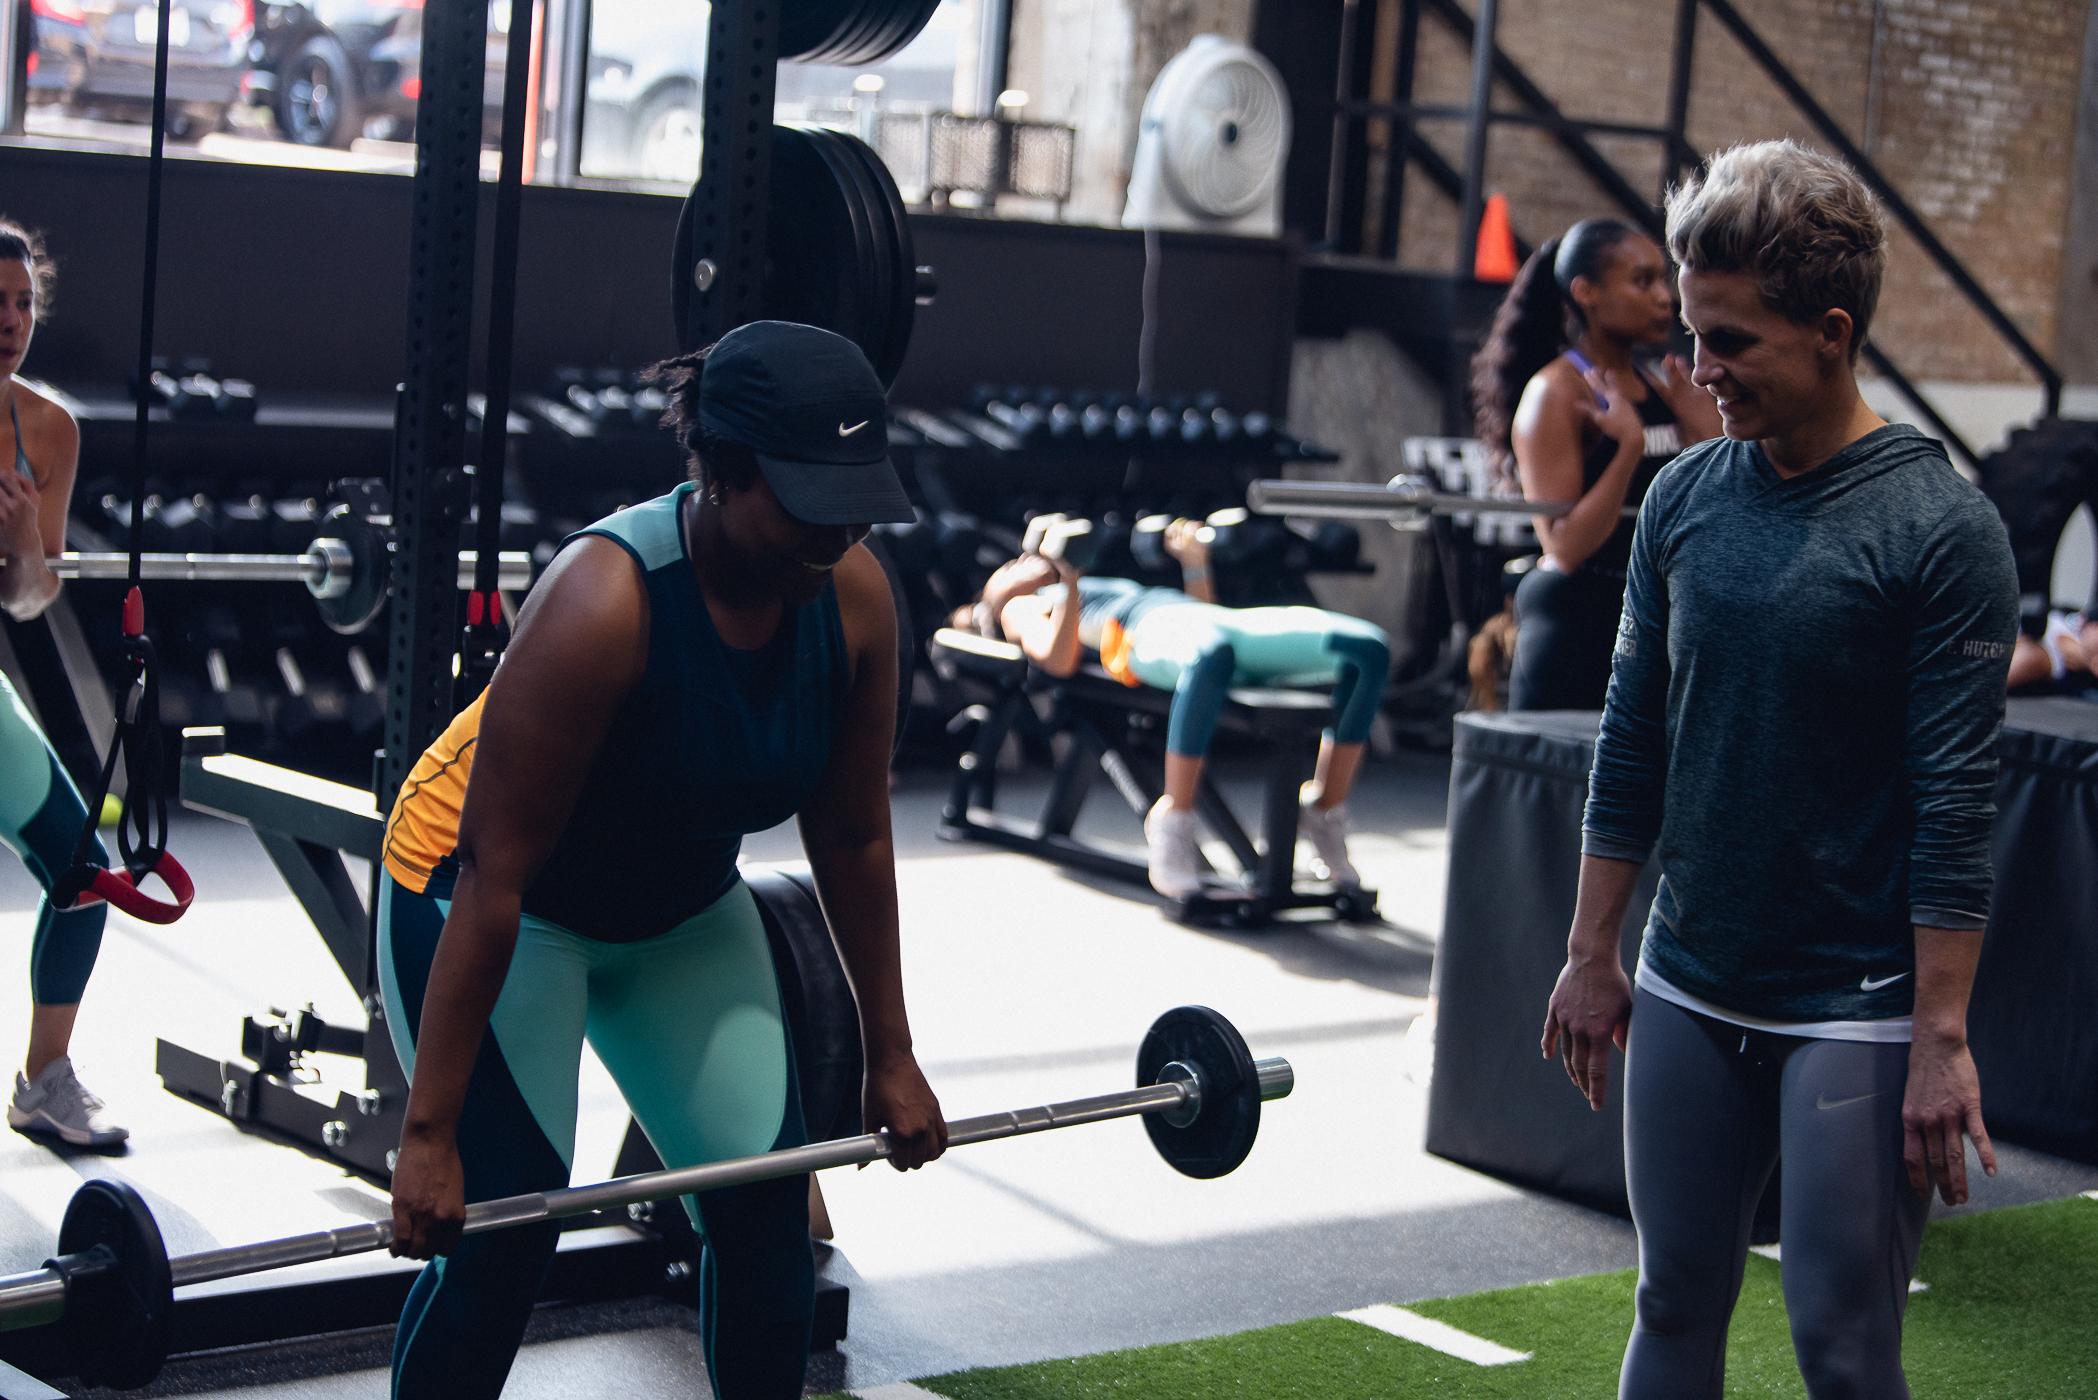 Zoe_Rain_Nike_Training_050619-_DSC4289 copy.jpg